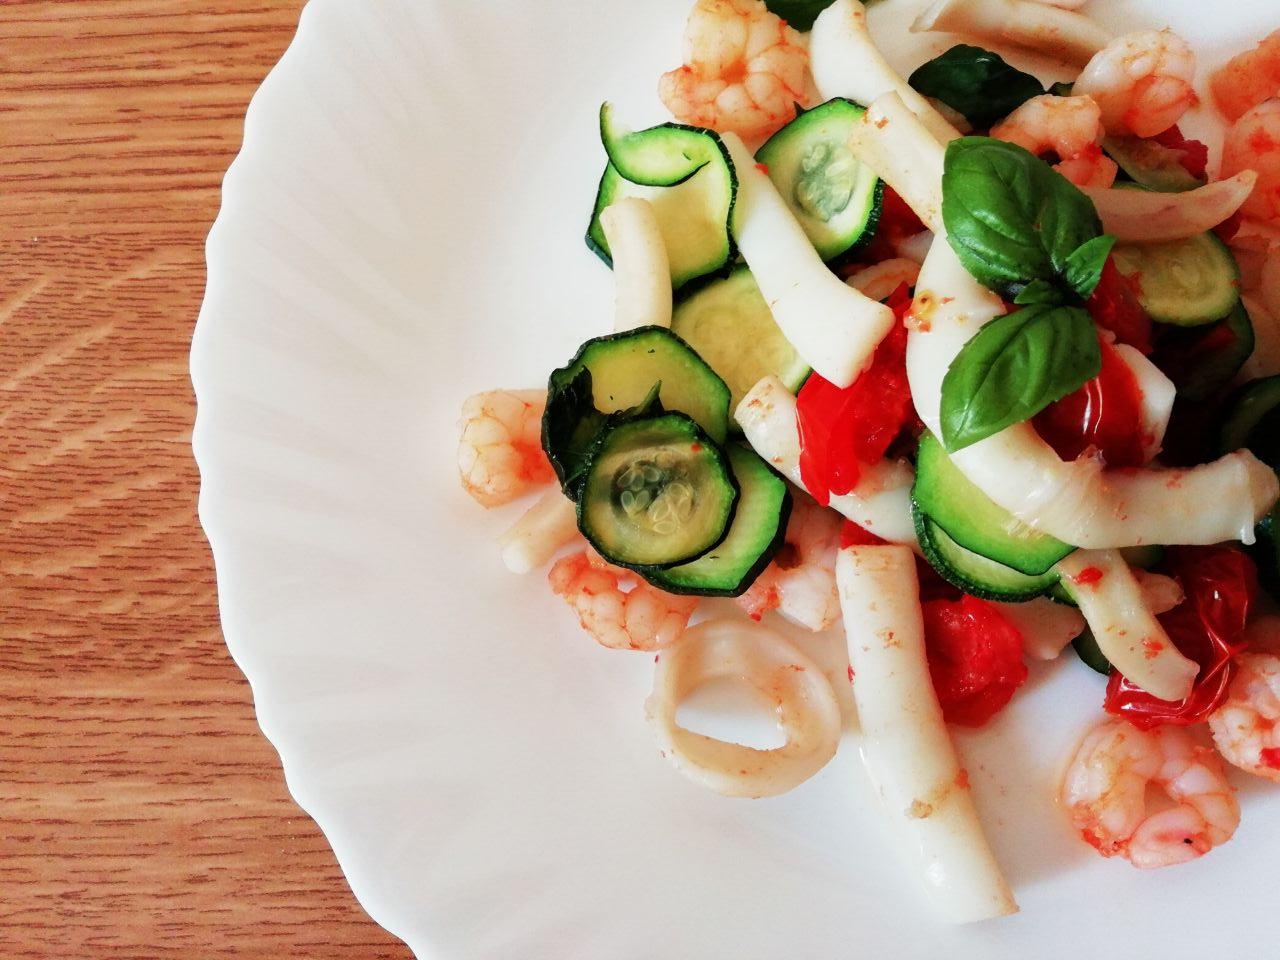 Secondi piatti a base di pesce: totano e gamberetti con zucchine e pomodori al basilico!